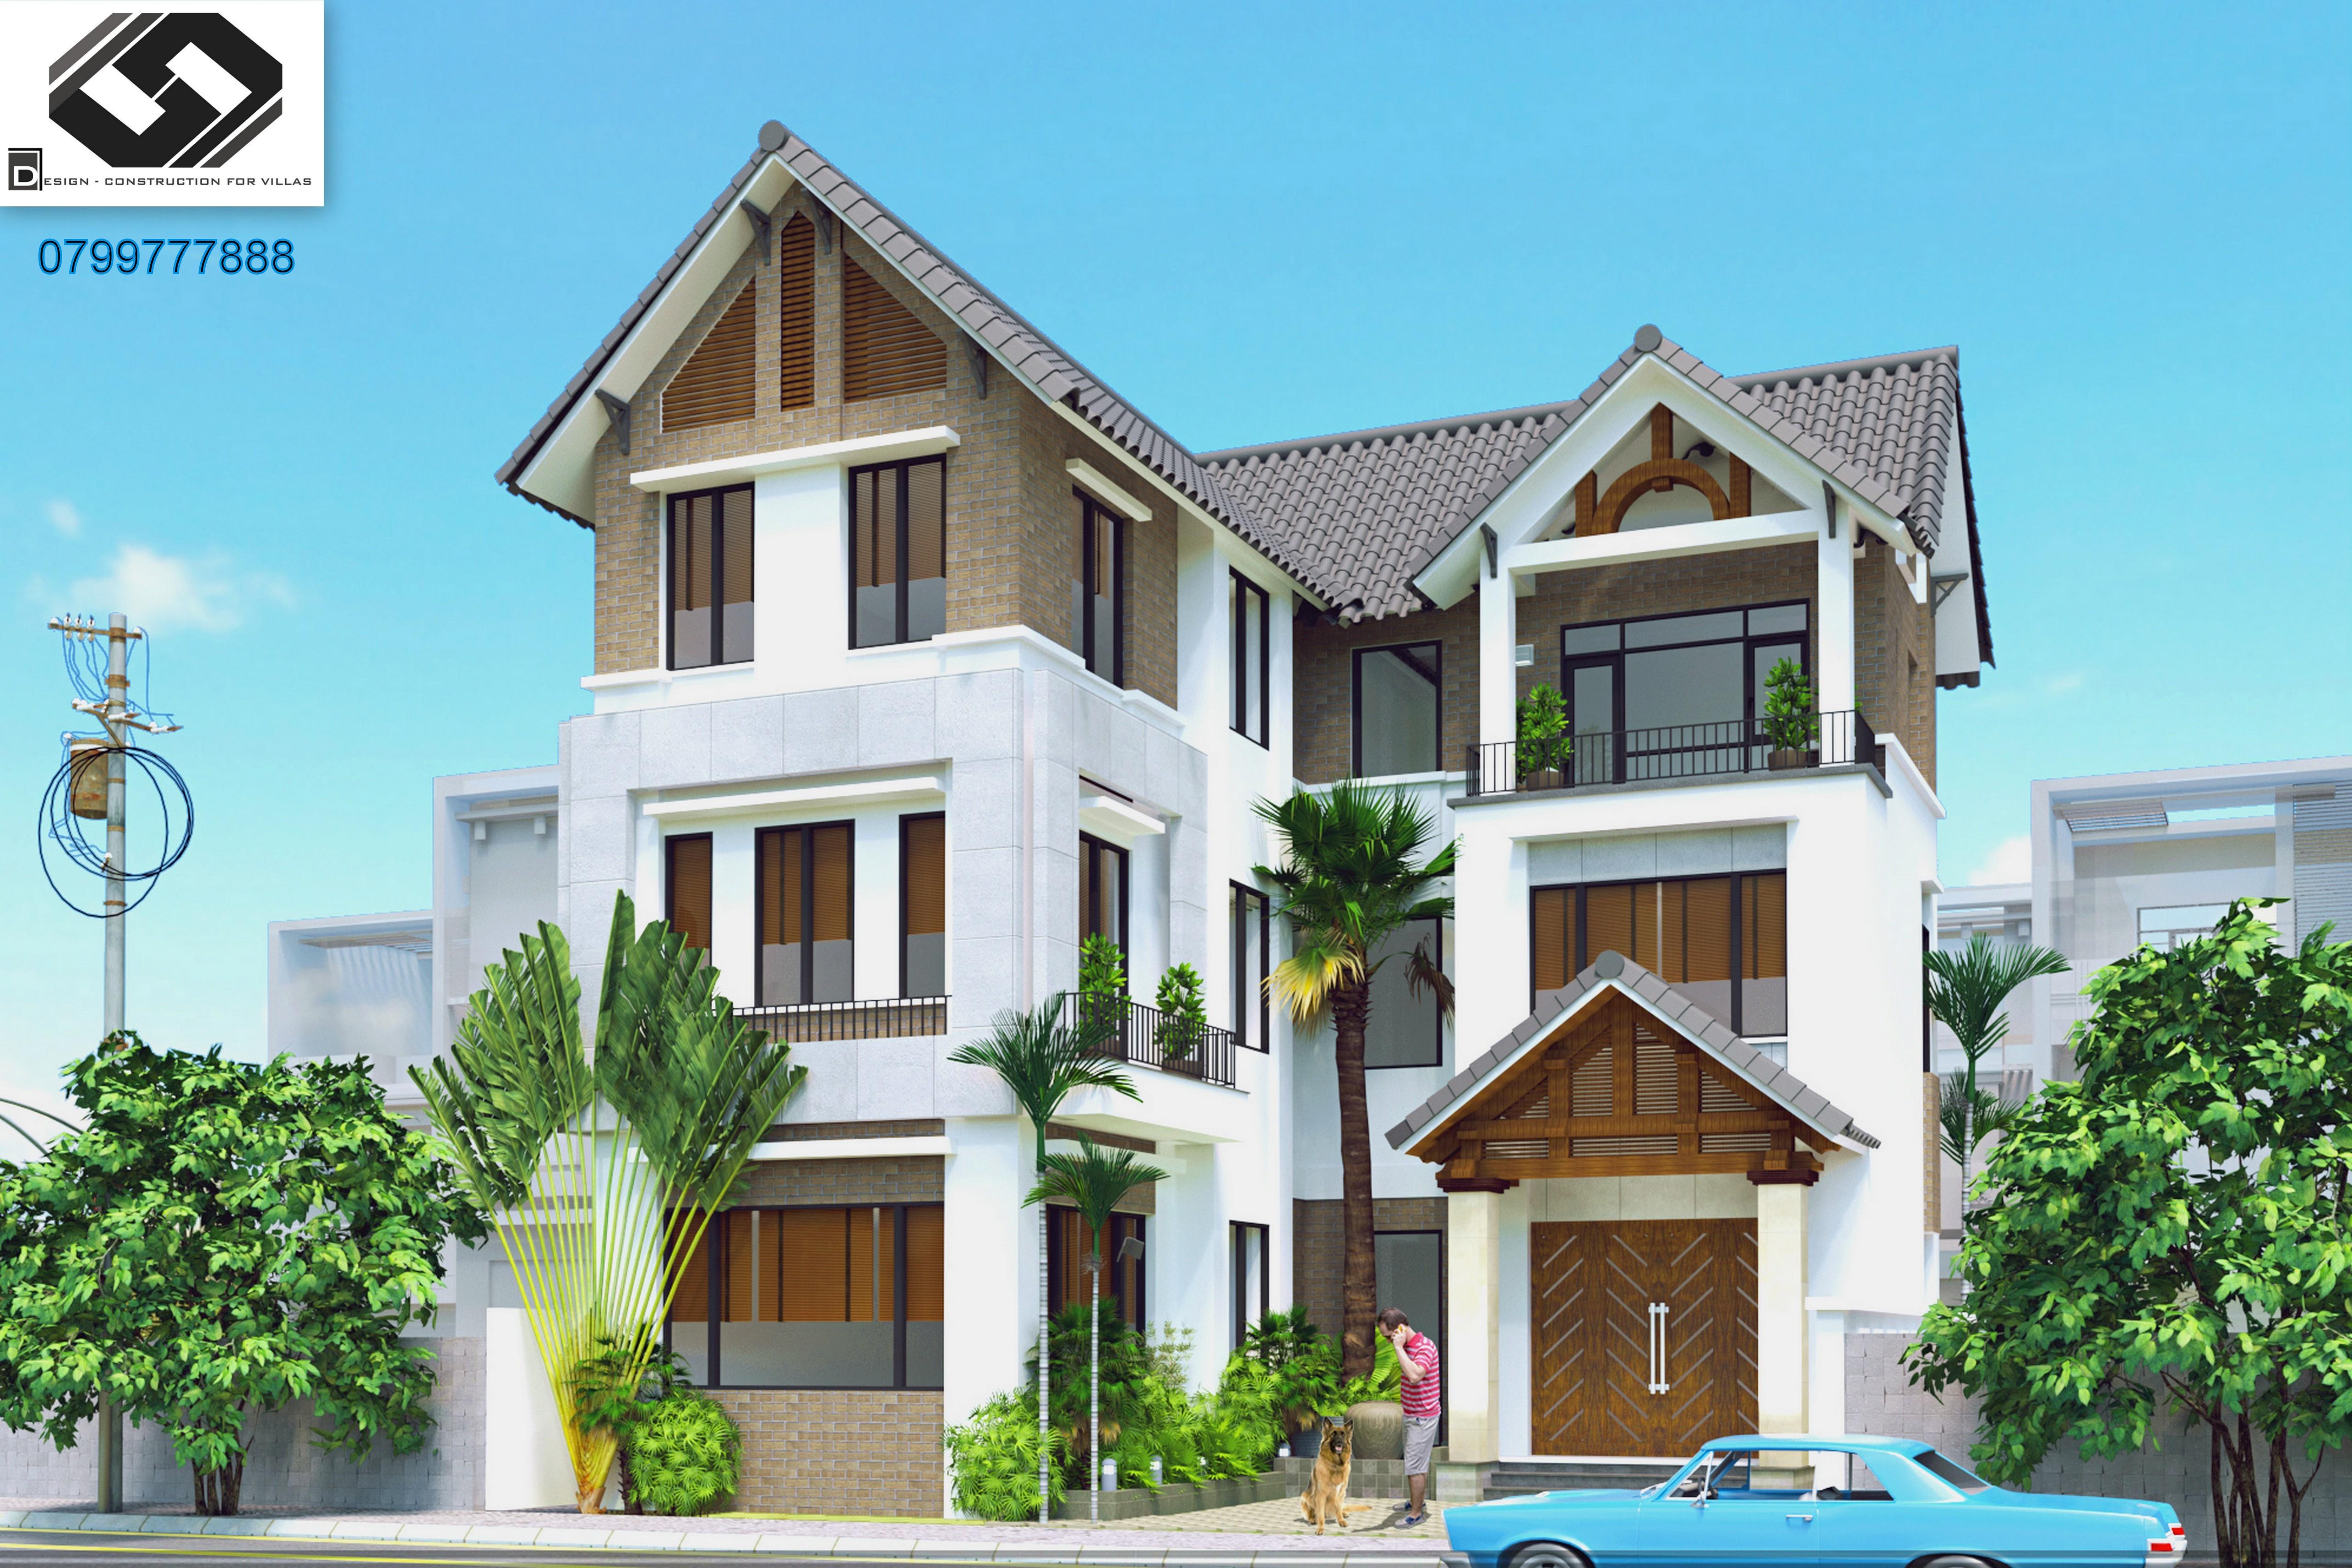 thiết kế biệt thự kiến trúc đẹp